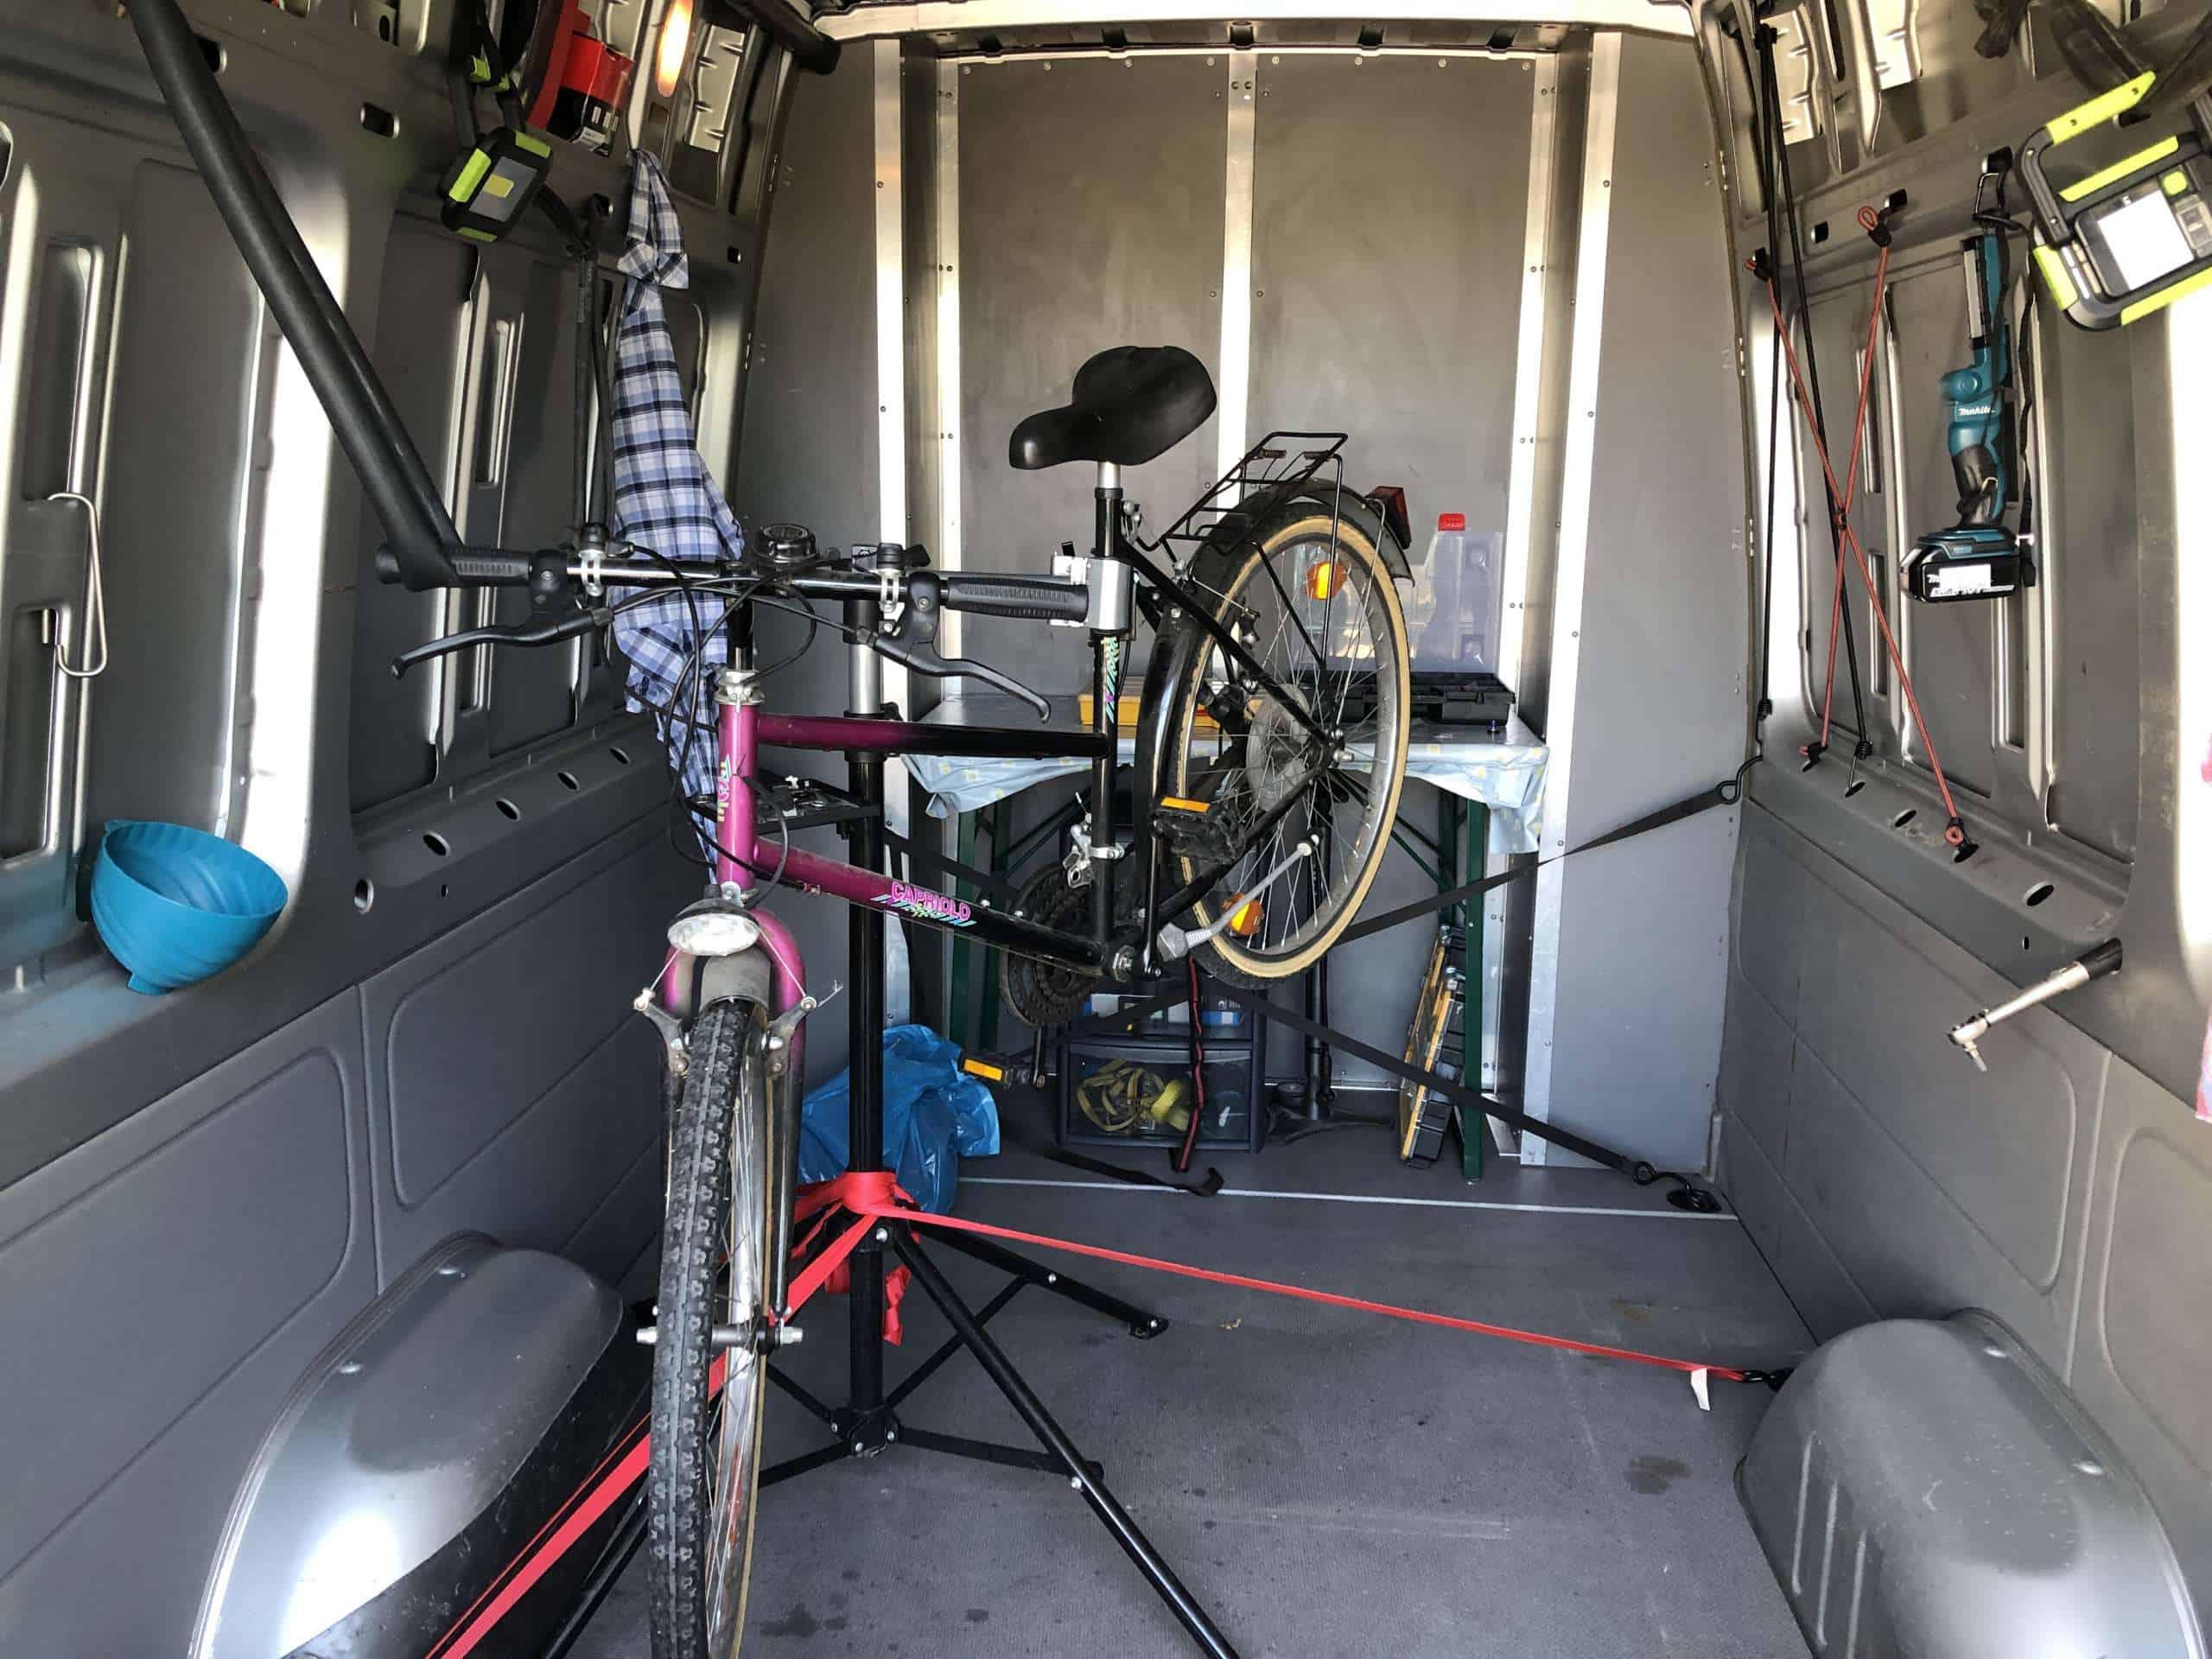 ein Fahrrad in der mobilen Fahrradwerkstatt